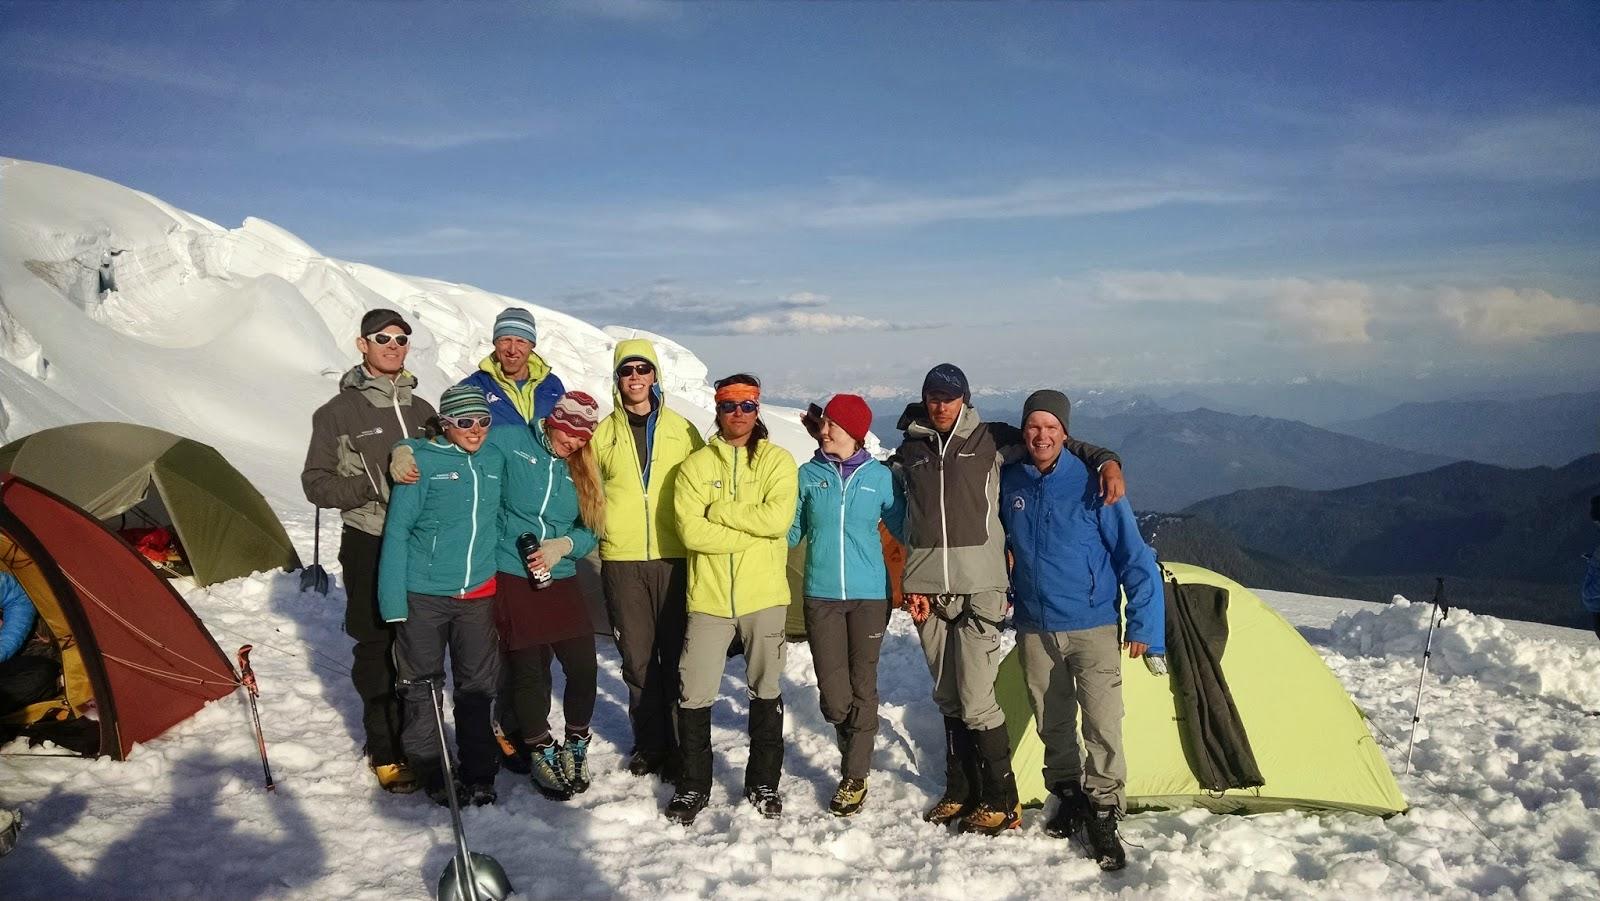 b384d4029d2b American Alpine Institute - Climbing Blog  AAI Class of 2015 - Guide ...